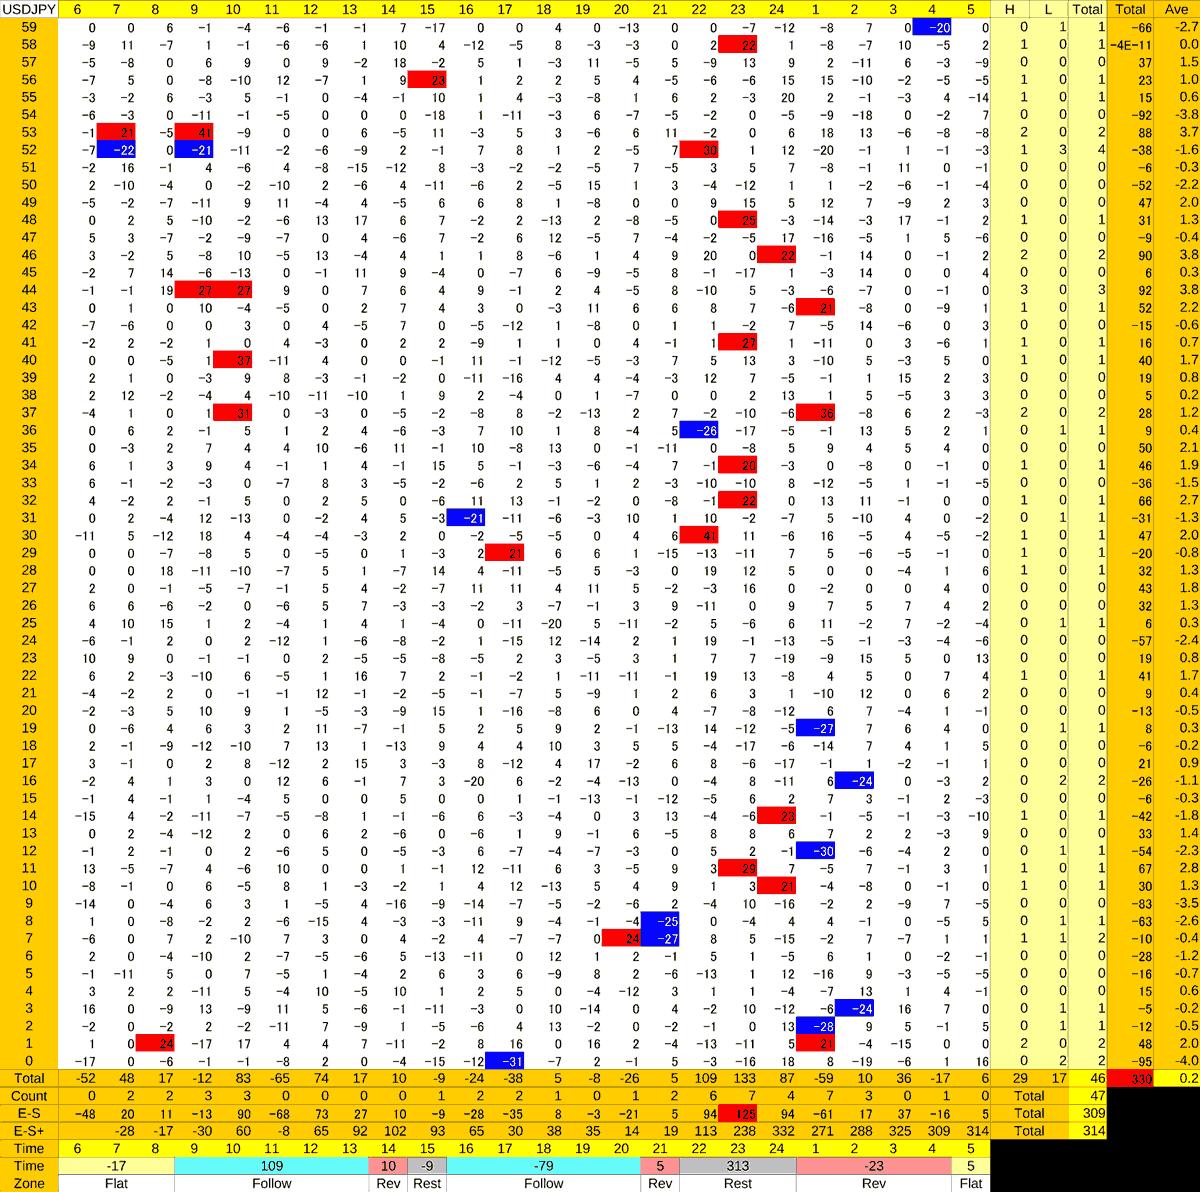 20201222_HS(1)USDJPY